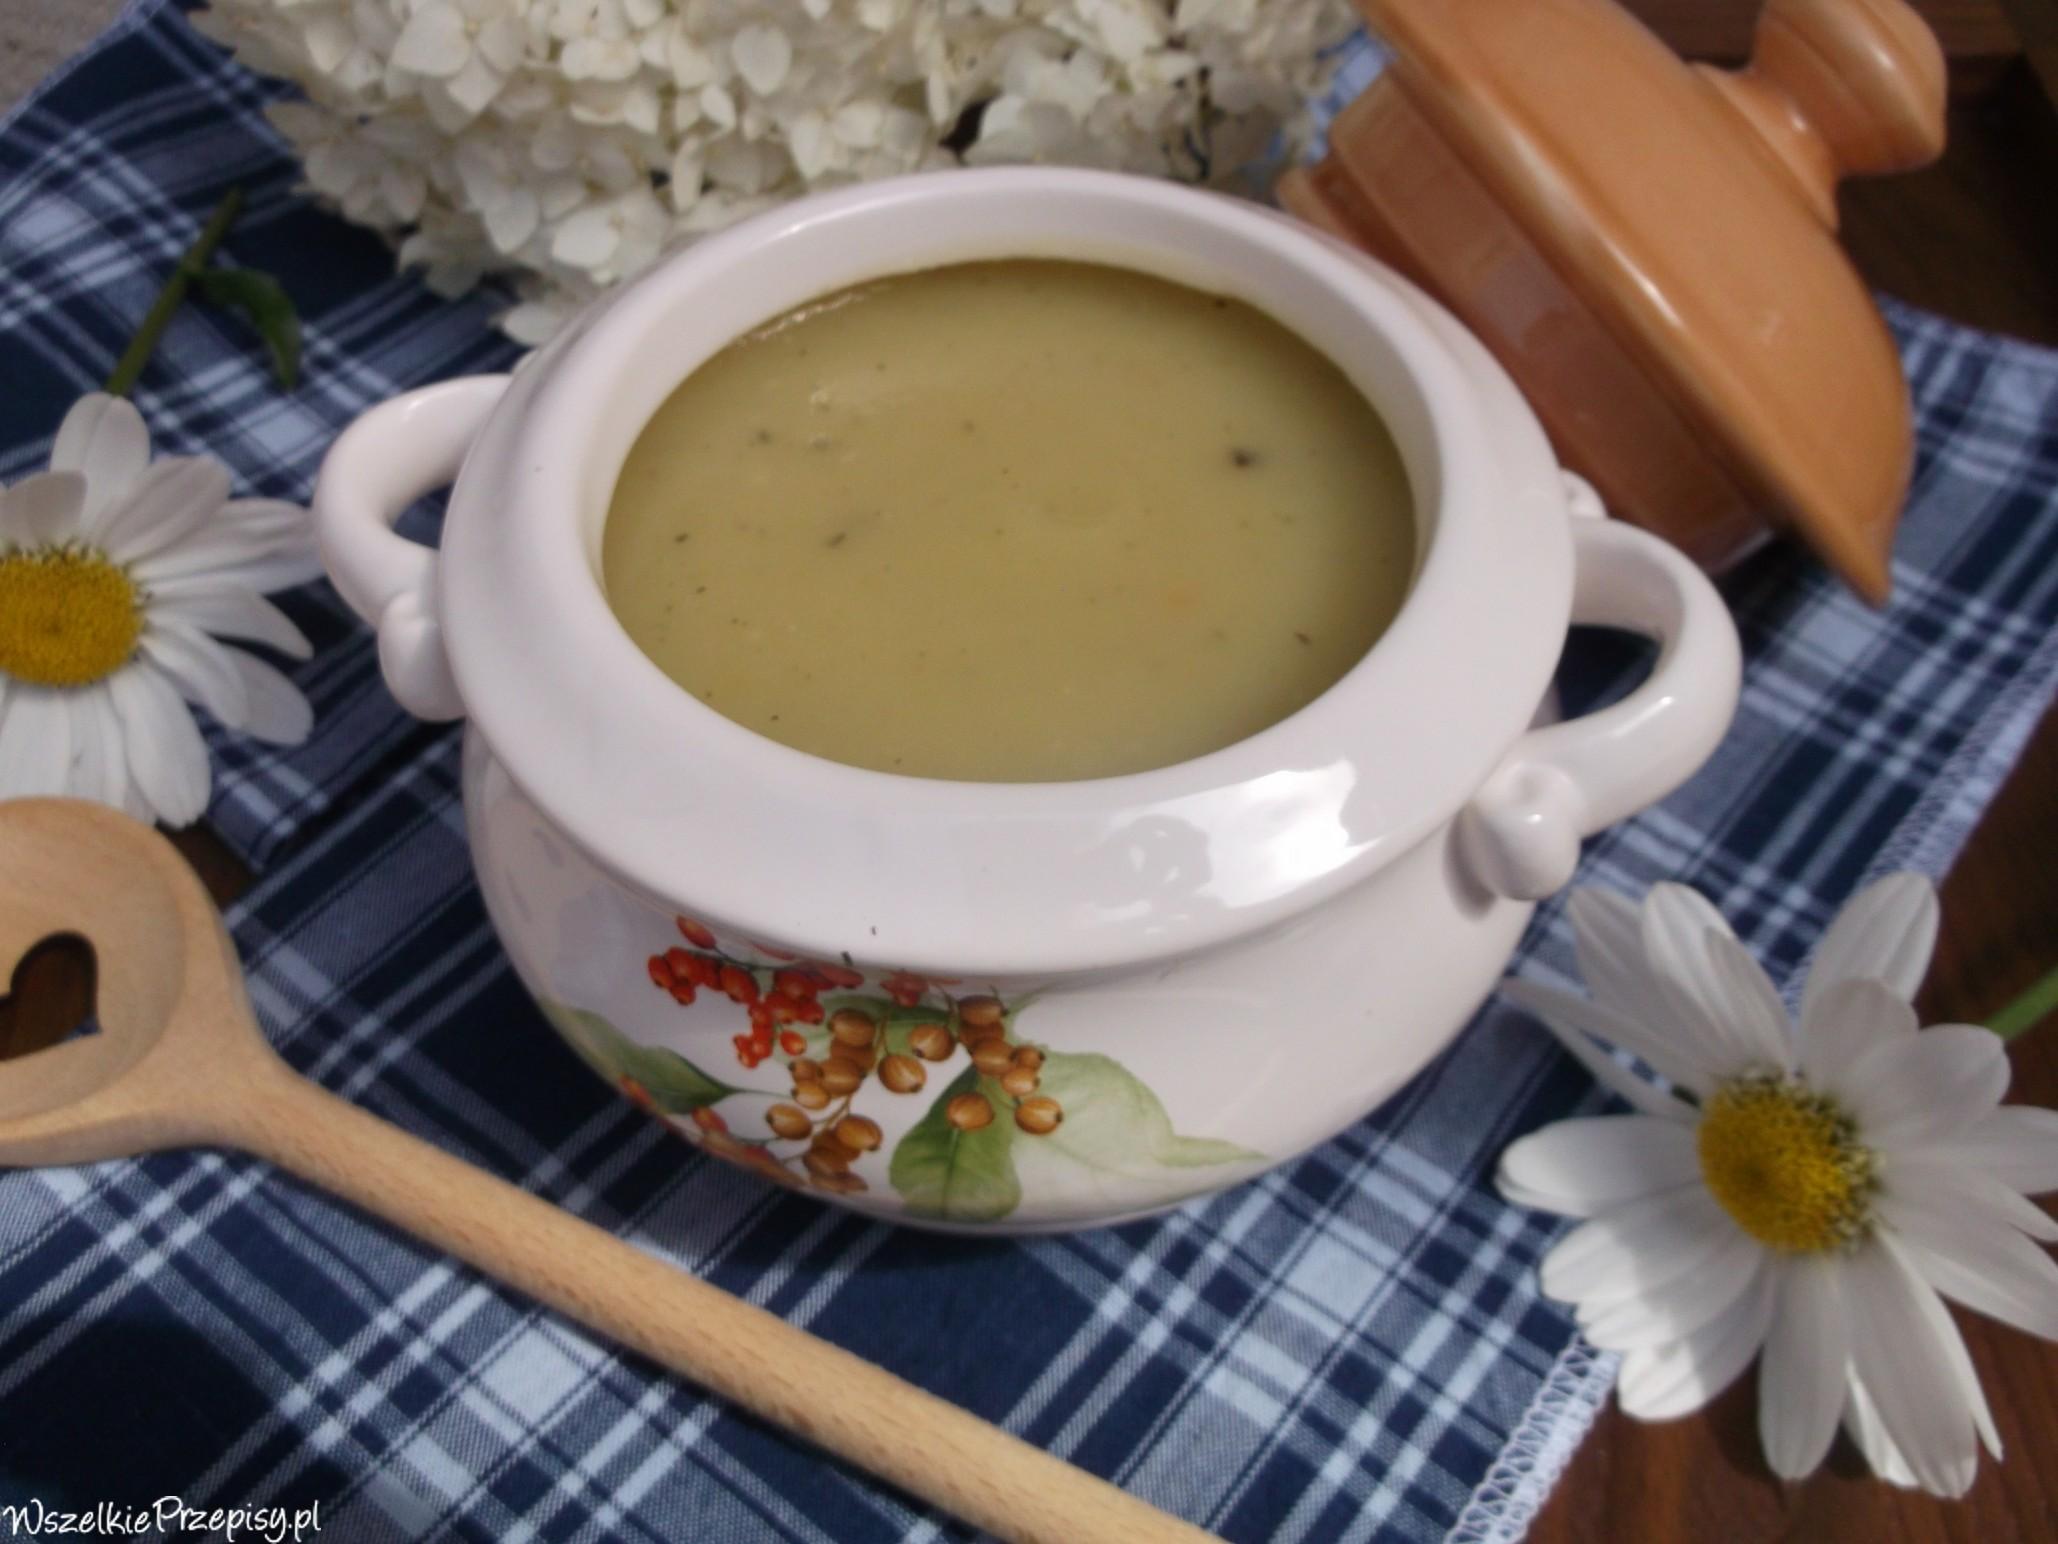 Zupa Krem Z Cukinii Przepisy Kulinarne Wszelkieprzepisy Pl